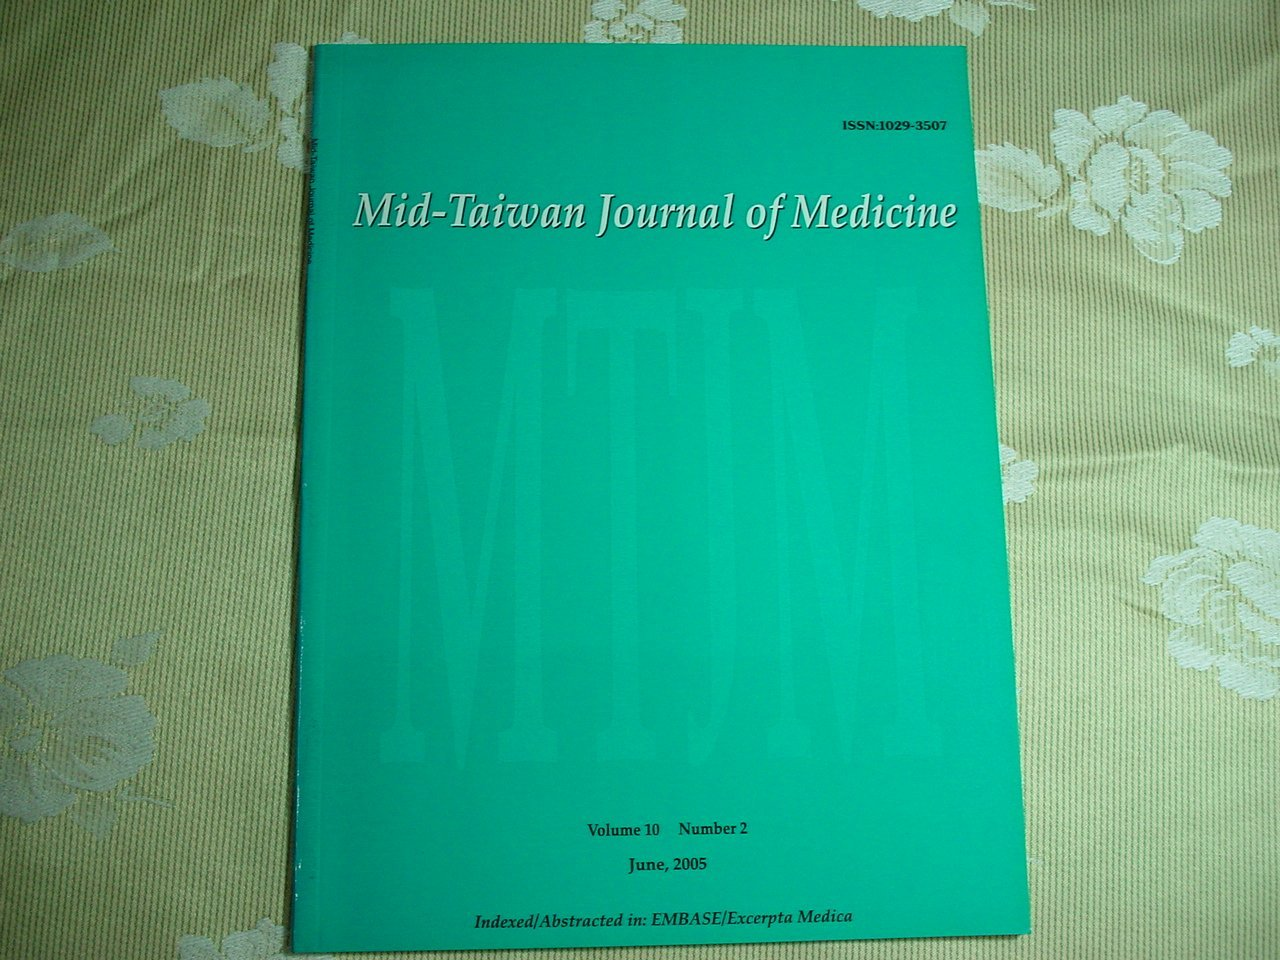 中 醫學科學雜誌 2005年6月《過敏對 性鼻竇內視鏡手術預後的影響》書況為實品拍攝,無標記,如新如圖【A1.71】